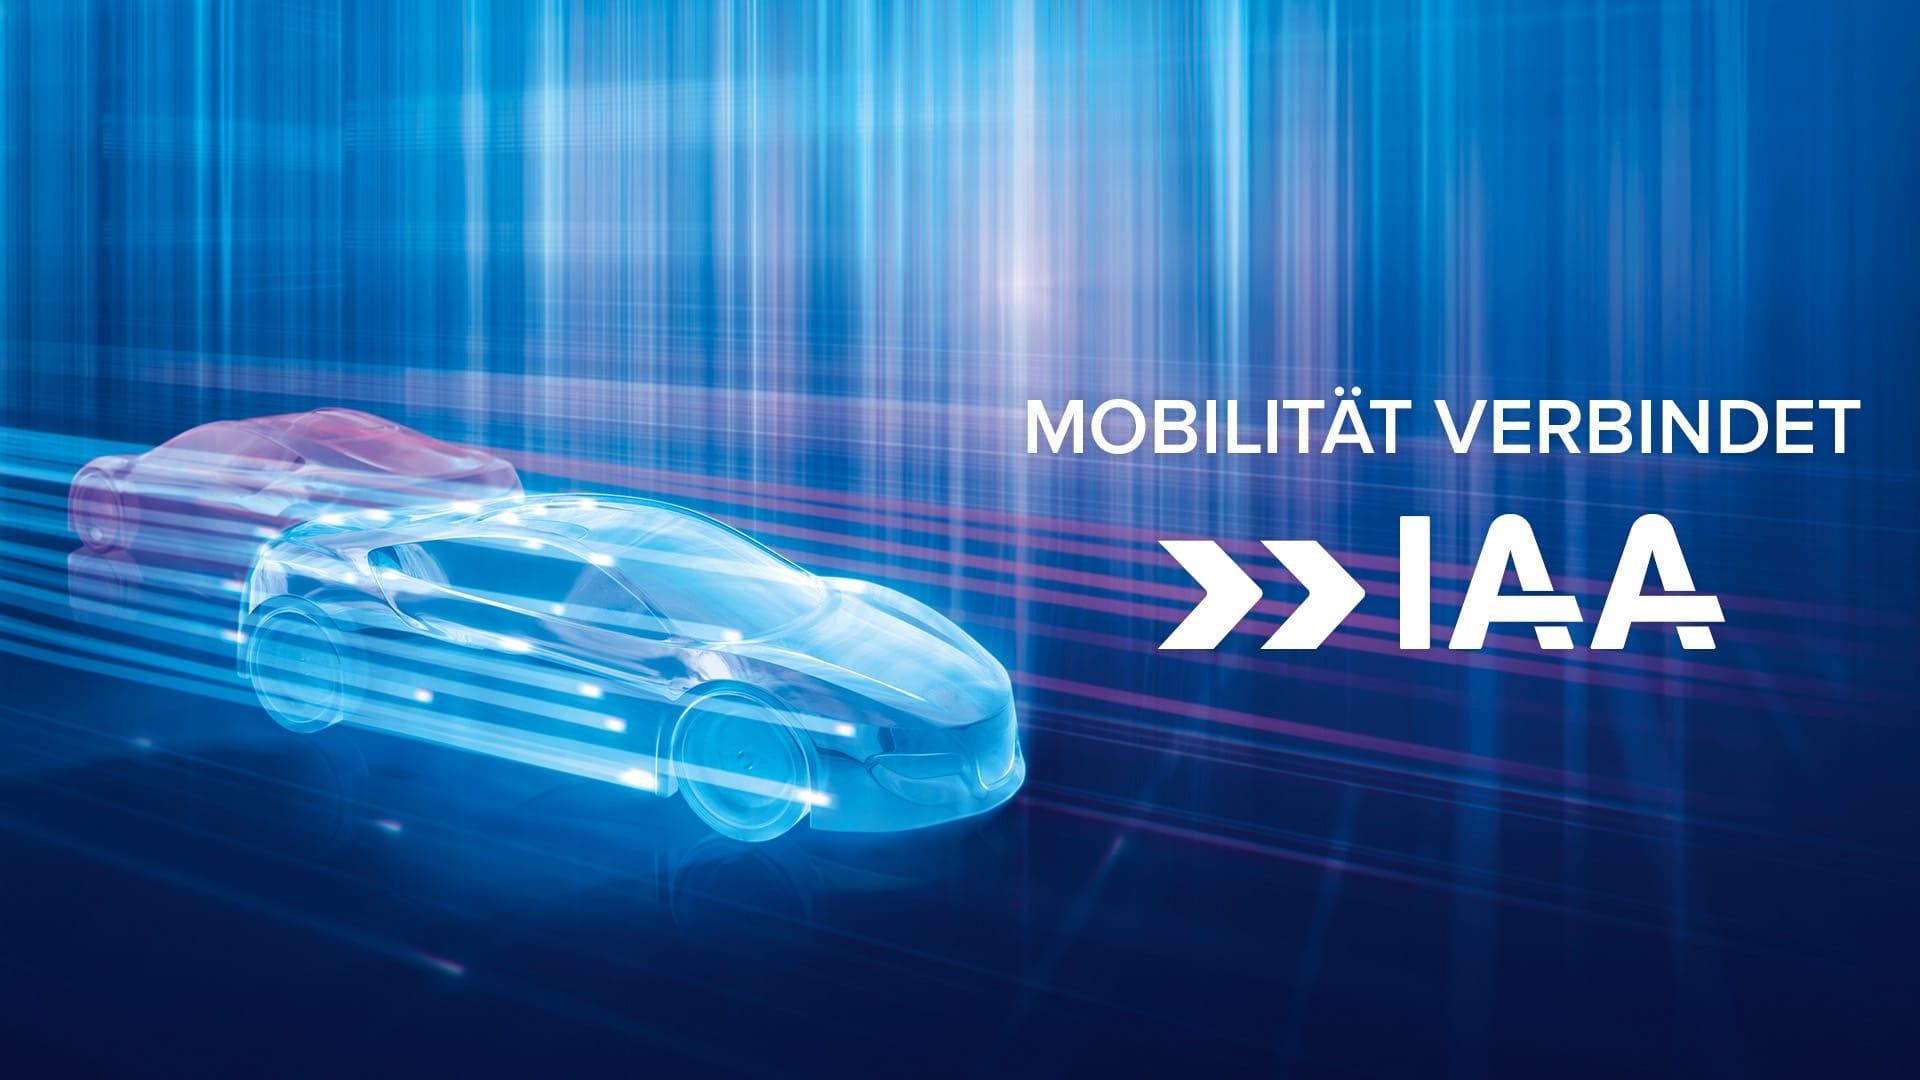 grafische Darstellung zweier Autos in hellblau und violett, die in gegensätzliche Richtungen fahren. Auf rechter Seite Slogan und Logo der IAA